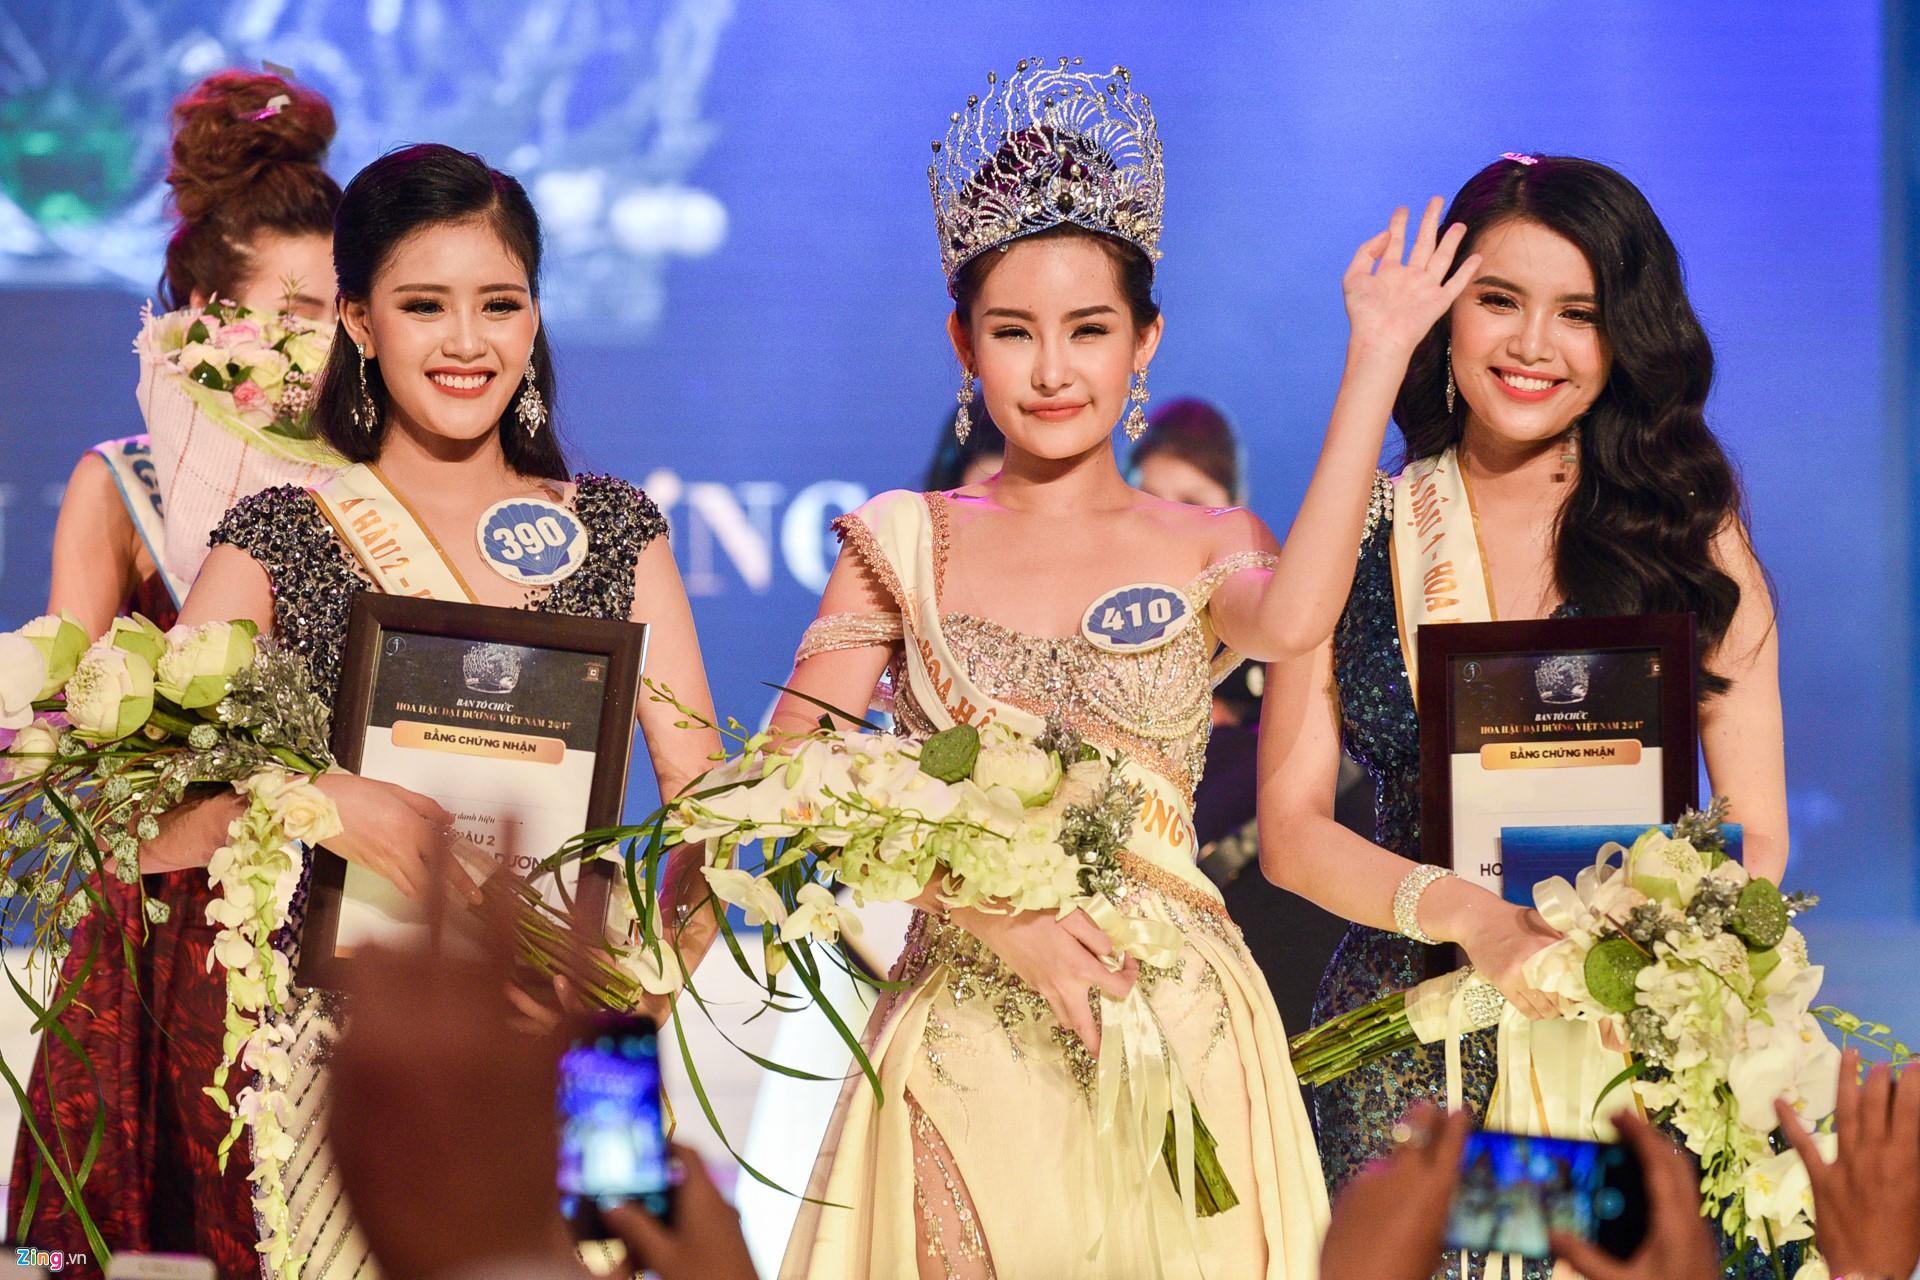 Vừa xuất hiện trước truyền thông: Nhan sắc Hoa hậu Đại Dương lại tiếp tục khiến công chúng thất vọng